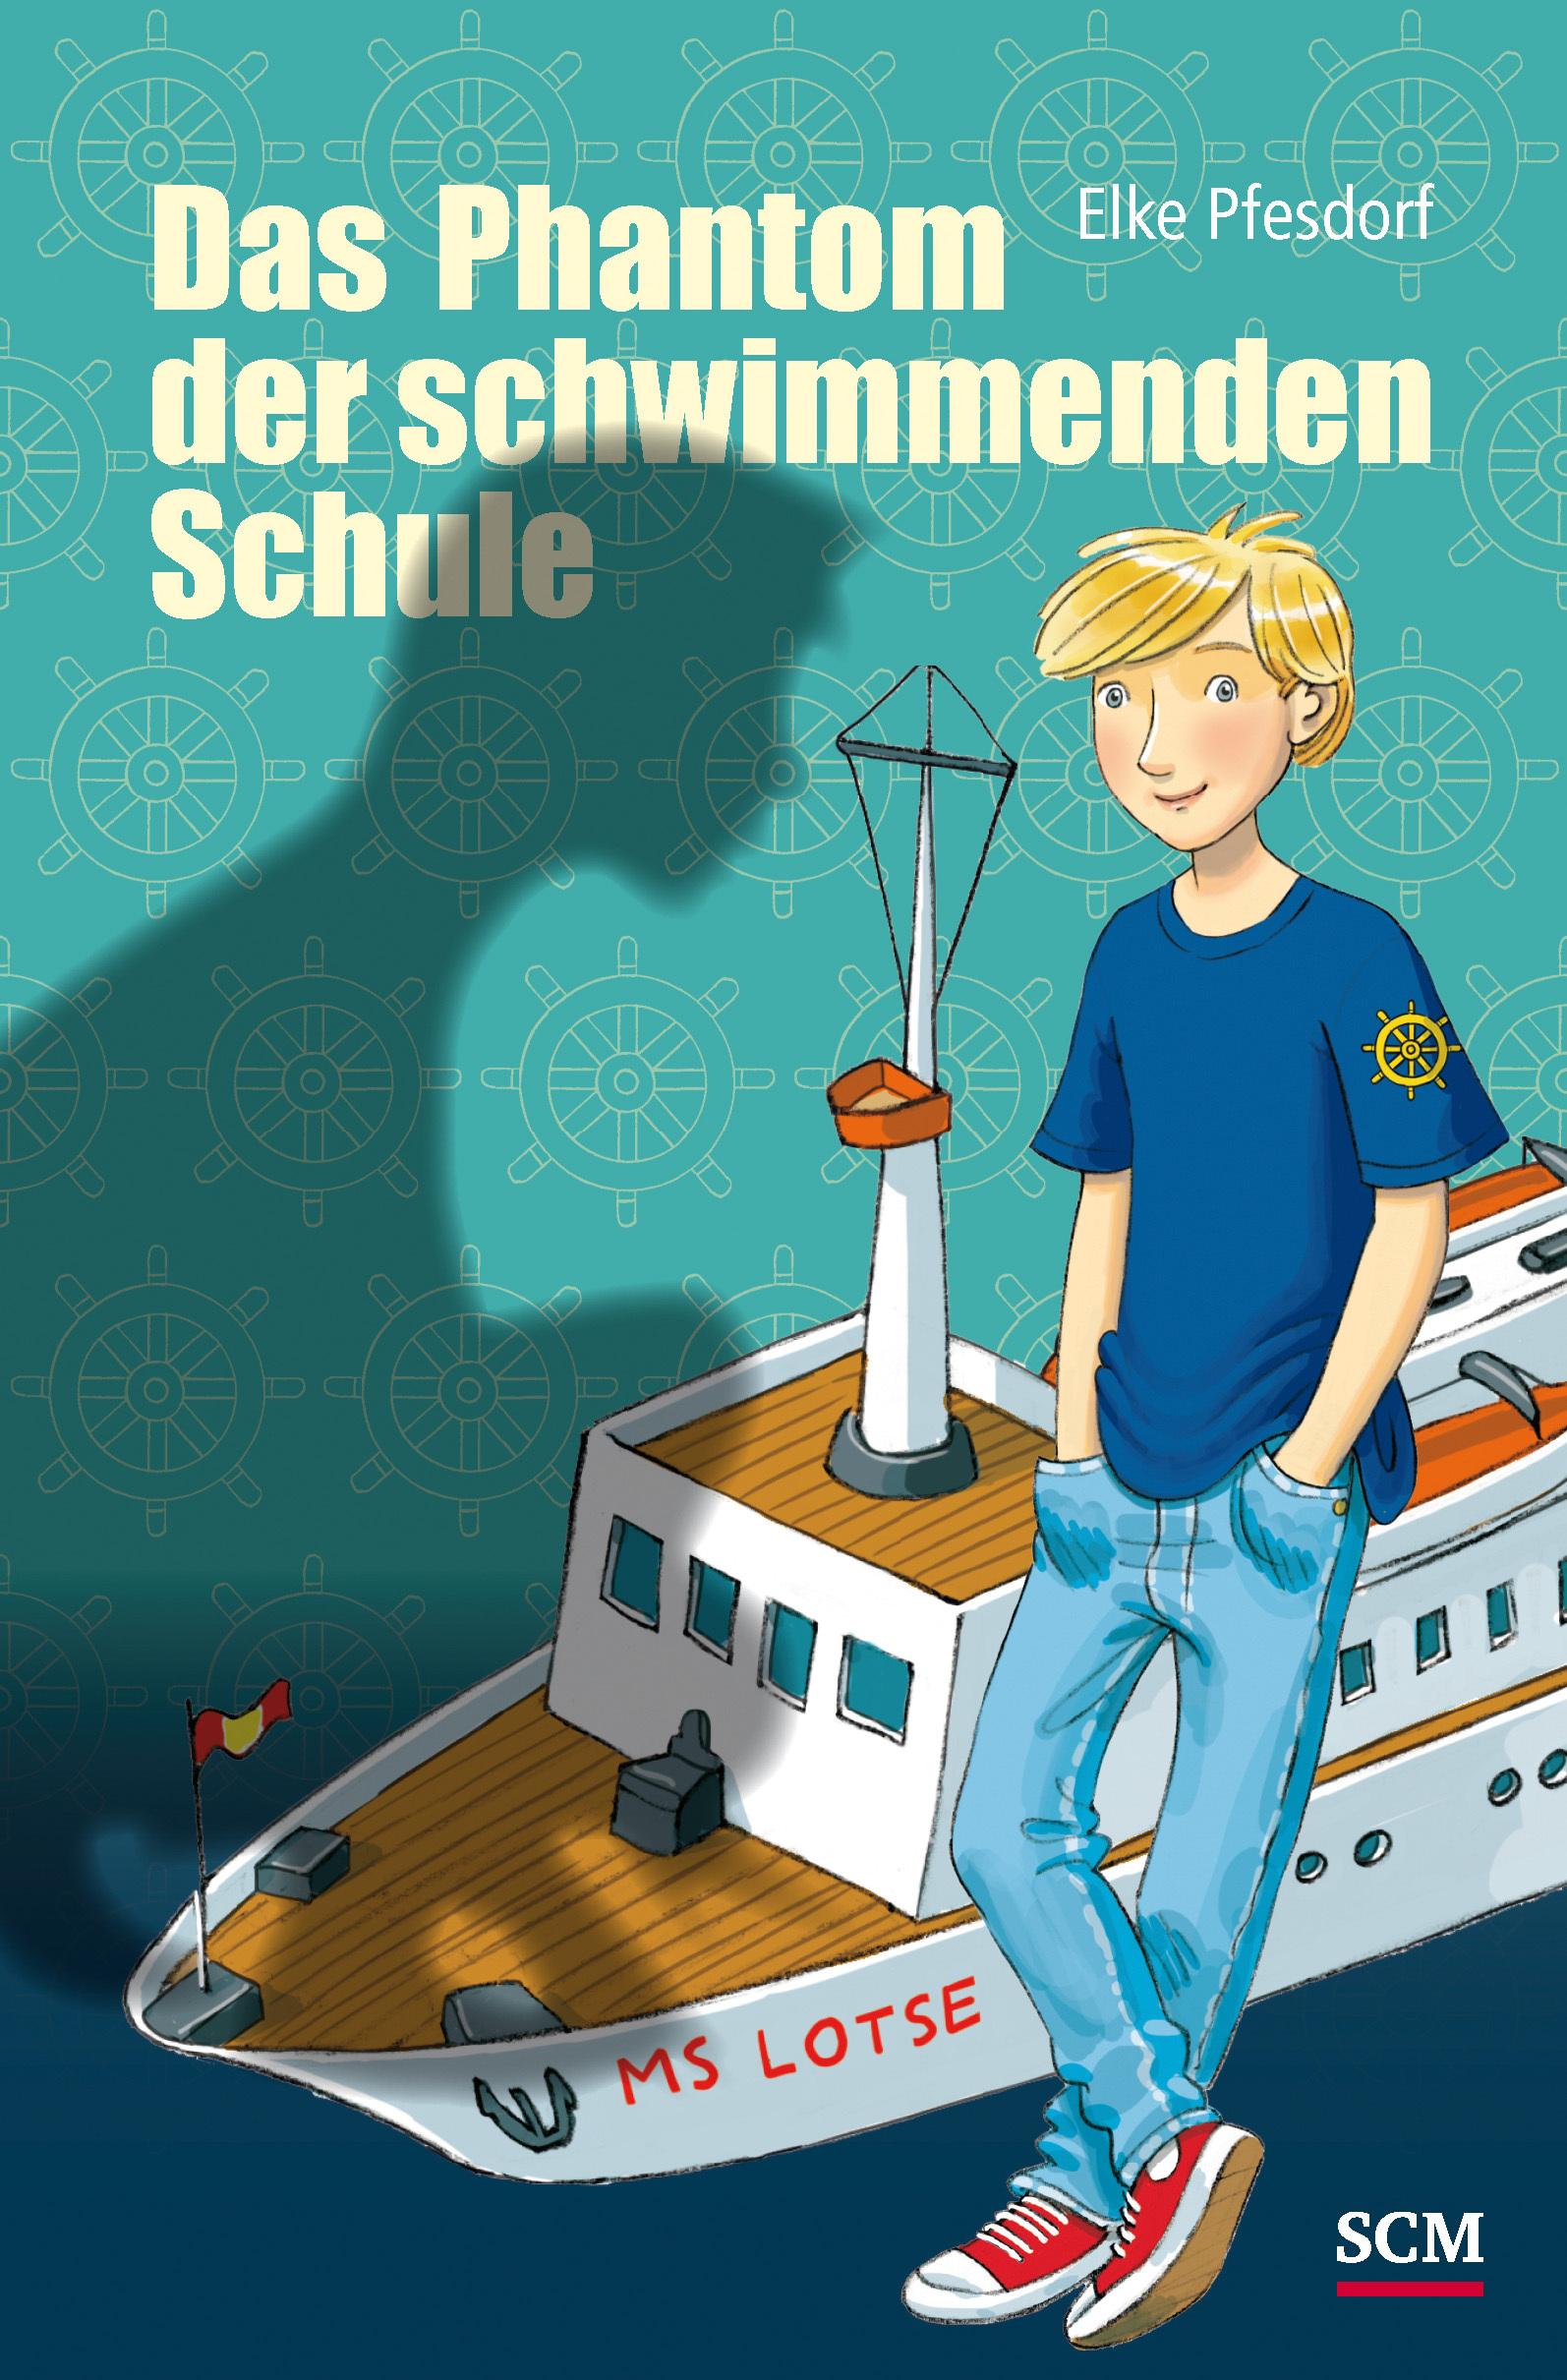 Das Phantom der schwimmenden Schule, Elke Pfesdorf